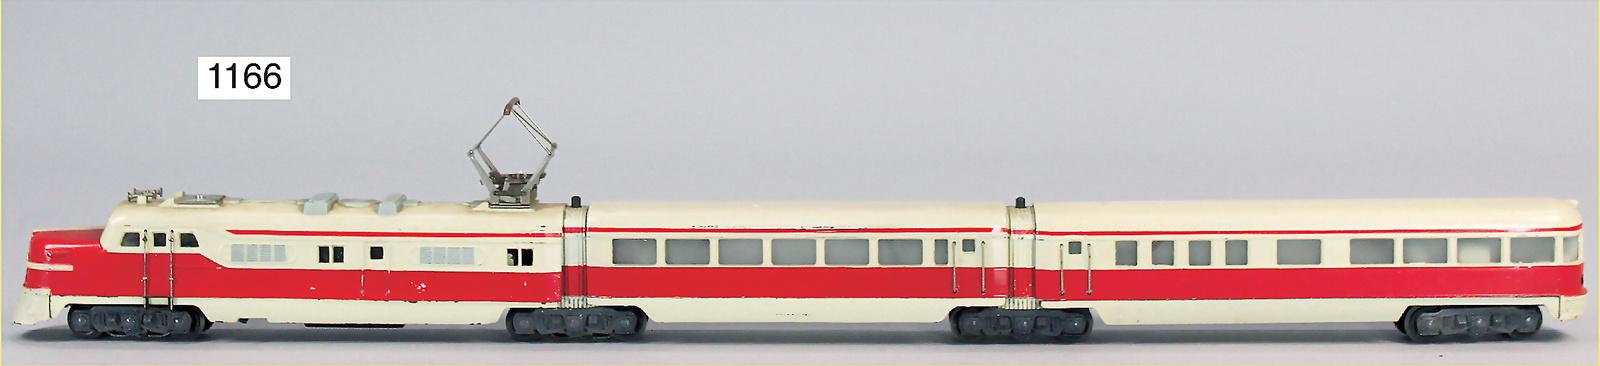 Klasse 2 3 Spur 0 Personenwagen Von Karl Bub In Grün